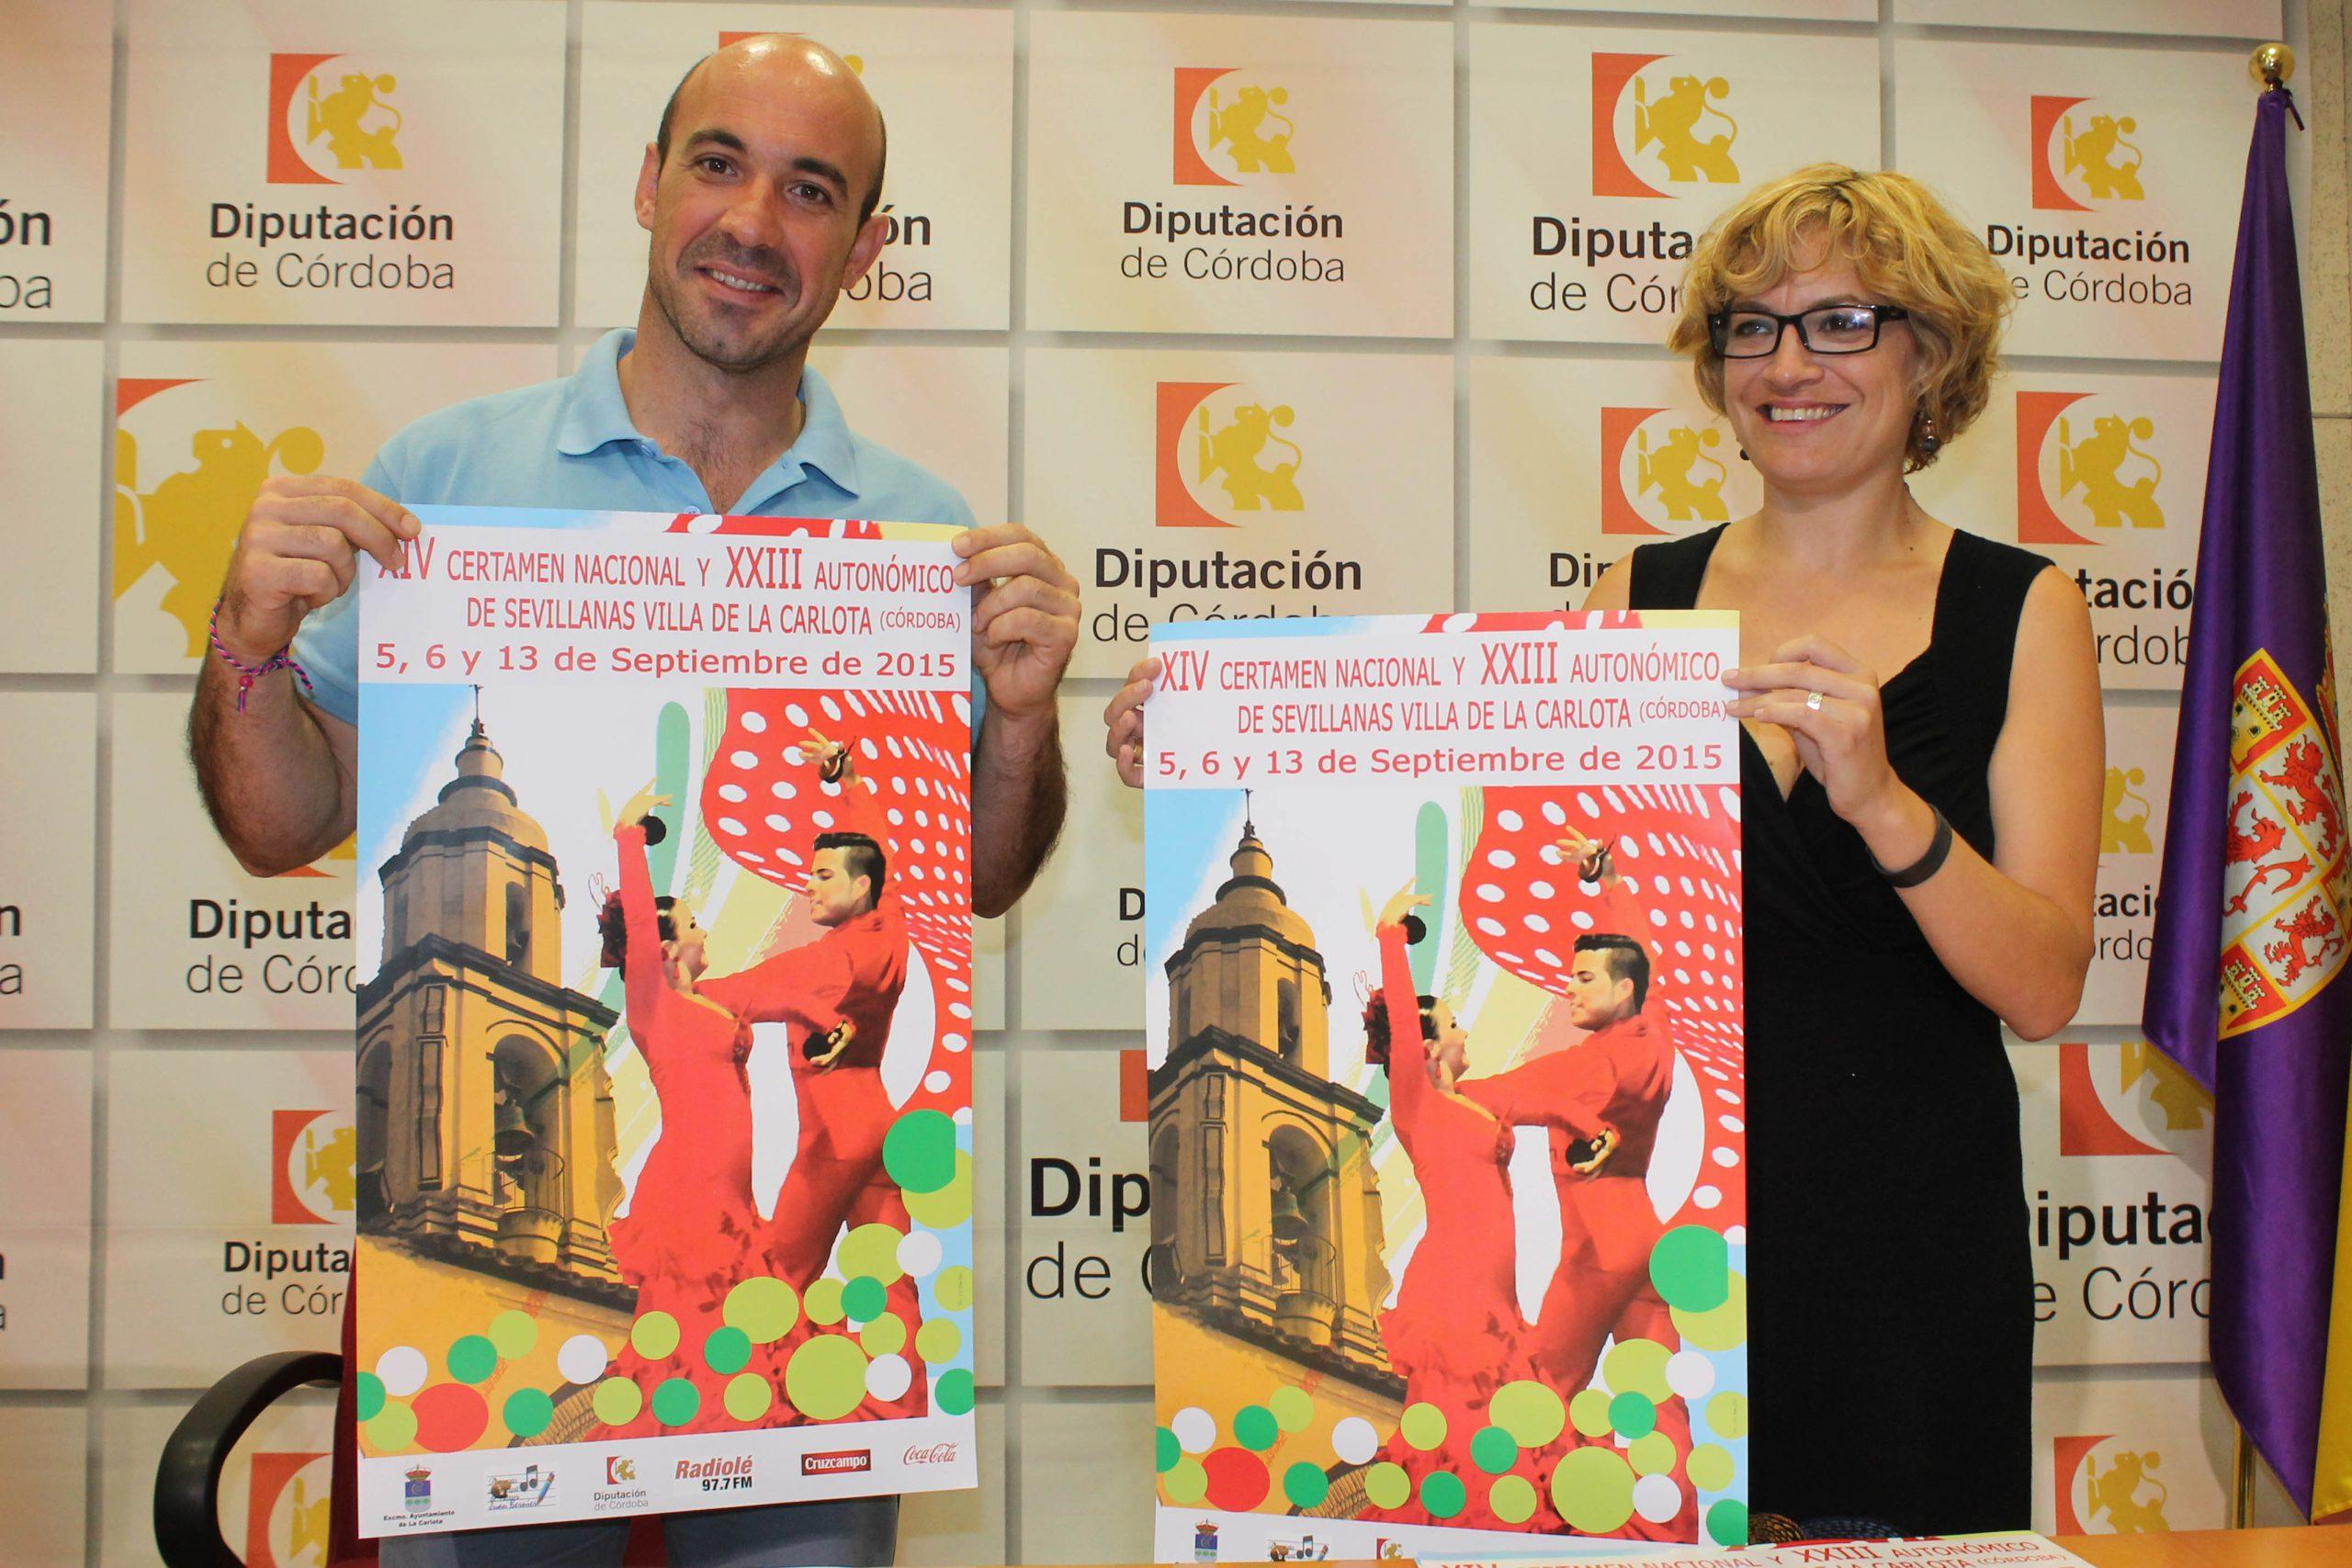 La Carlota celebrará su XIV Certamen Nacional y XXIII Autonómico de Sevillanas entre el 5 y 6 de septiembre 1